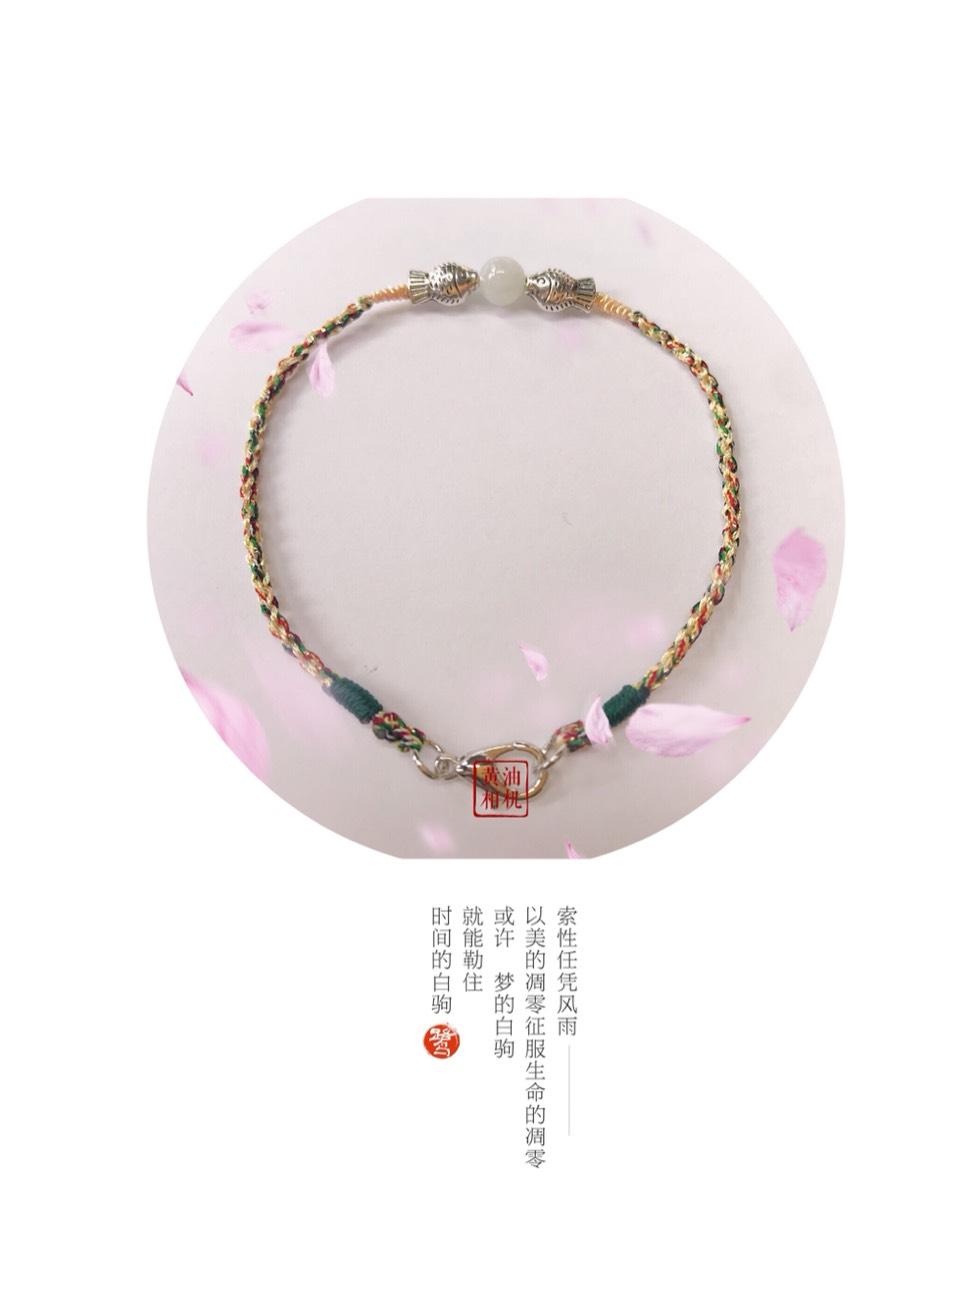 中国结论坛 双鱼戏珠  作品展示 162551ks5d55yfpy5omw8b